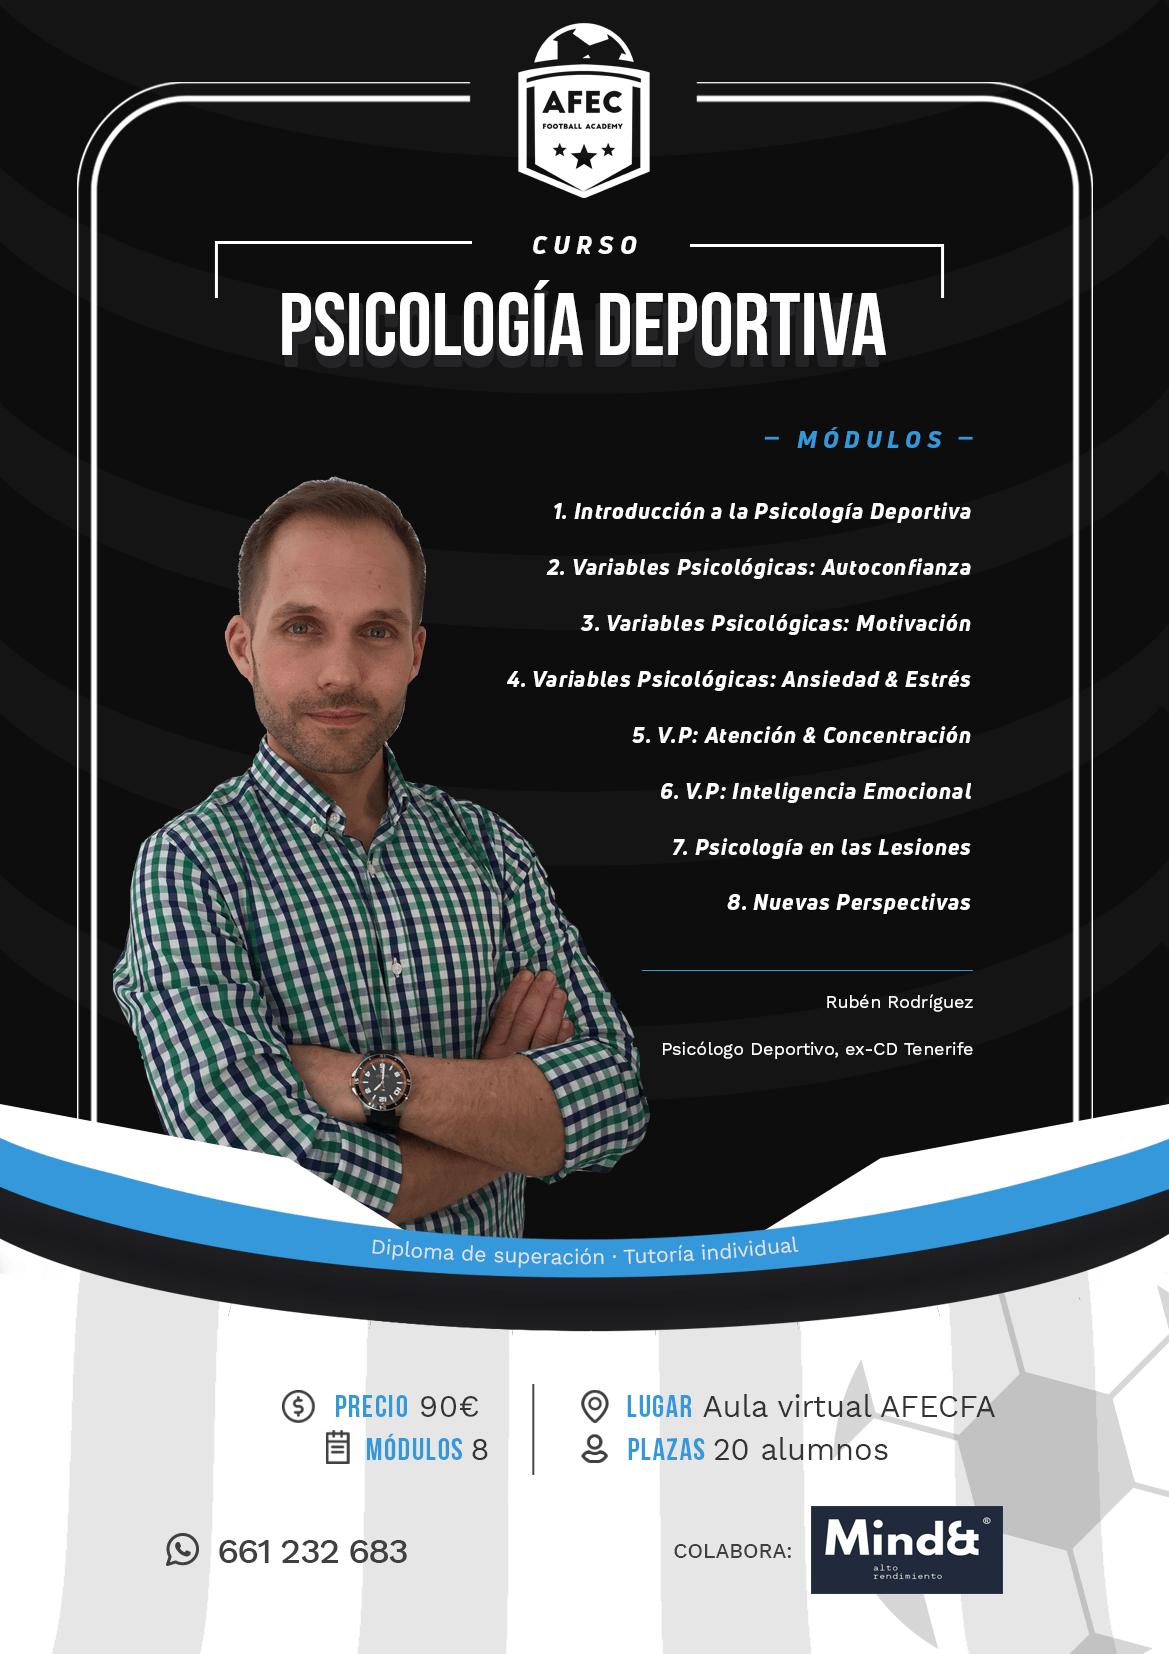 Curso de Psicología deportiva online